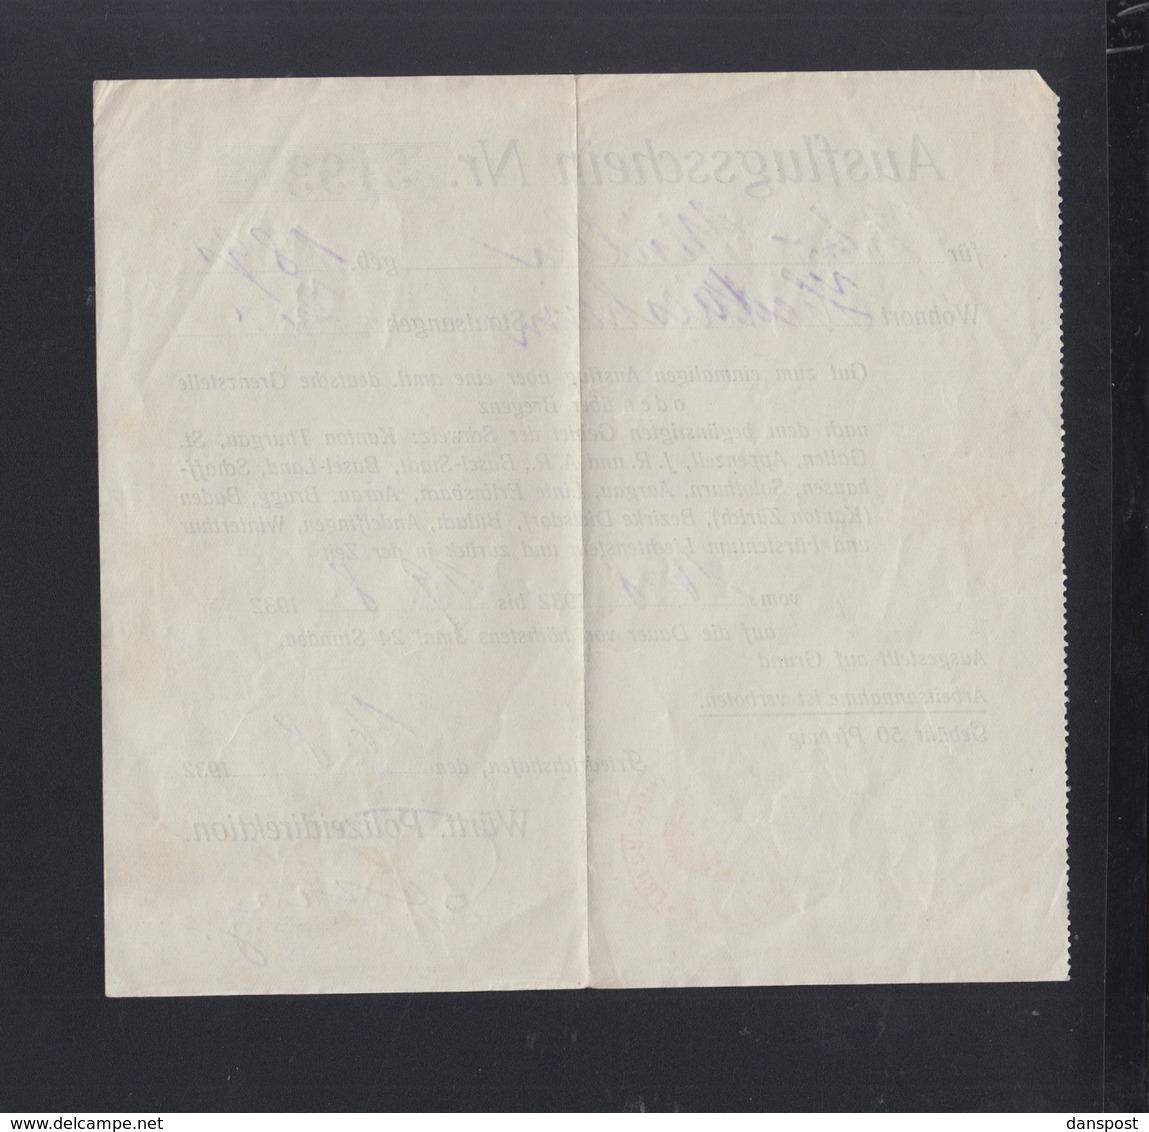 Württemberg Polizei Direktion Ausflufsschein Für Die Schweiz U. Liechtenstein Friedrichshafen 1932 - Documenti Storici